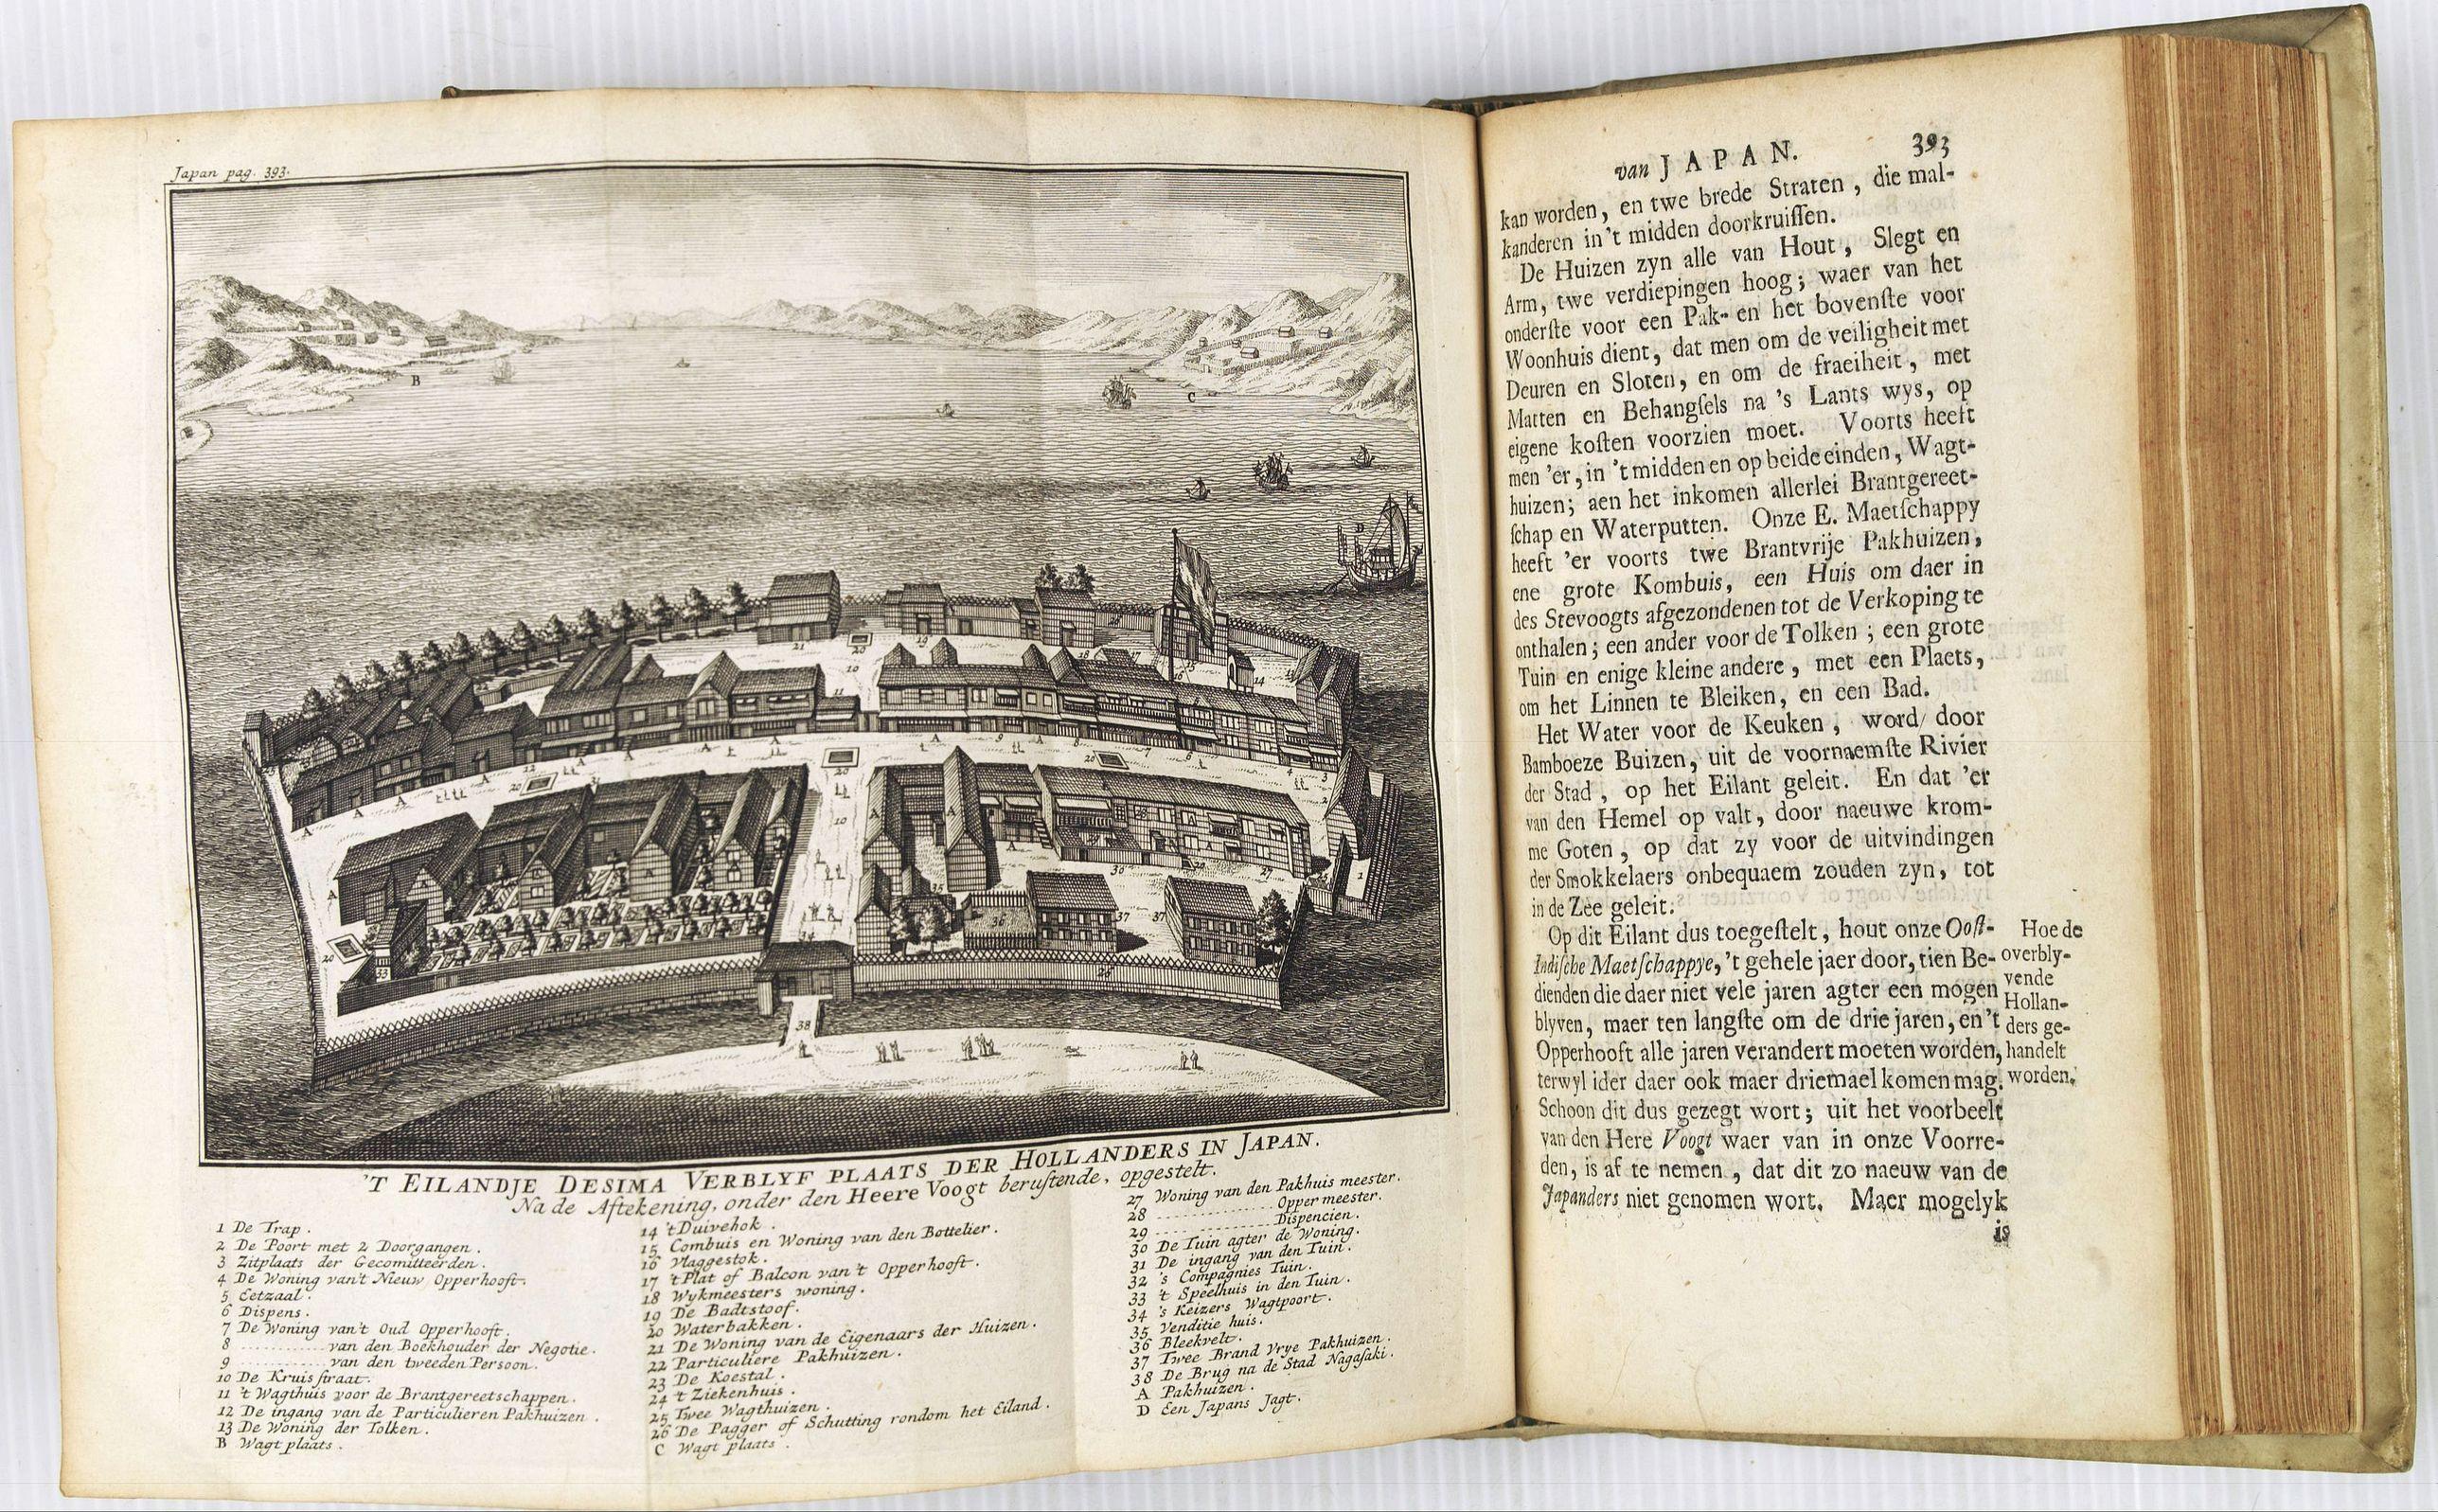 TIRION, I. -  Hedendaegsche Historie of tegenwoordige staet van alle volkeren 1 deel. (Volume 1 - China, Japan, Phillippines, Moluccas)